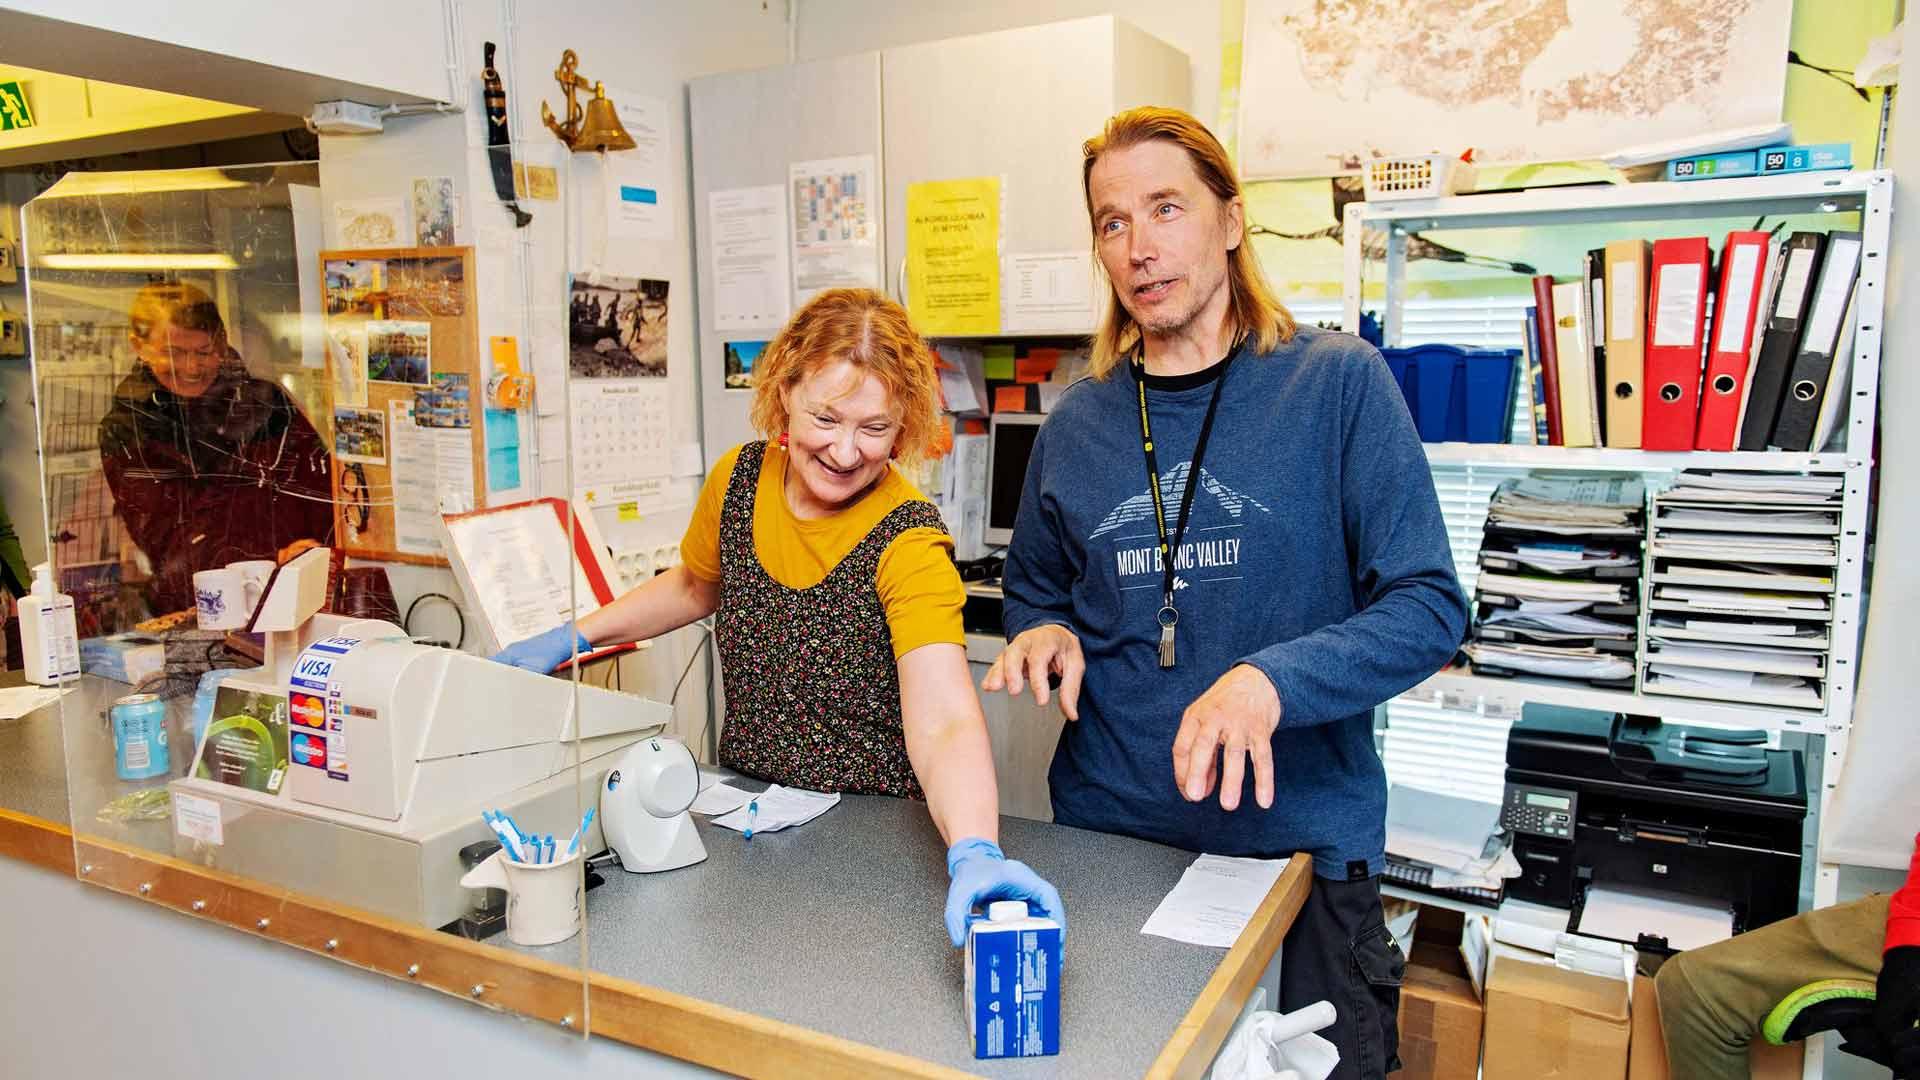 Tuuli-Anne ja Kristofer Klaavu ovat viihtyneet saaren kauppiaina, koska asiakkaat ovat niin mukavia. Heille on myös tärkeää saada tehdä työtä yhdessä.